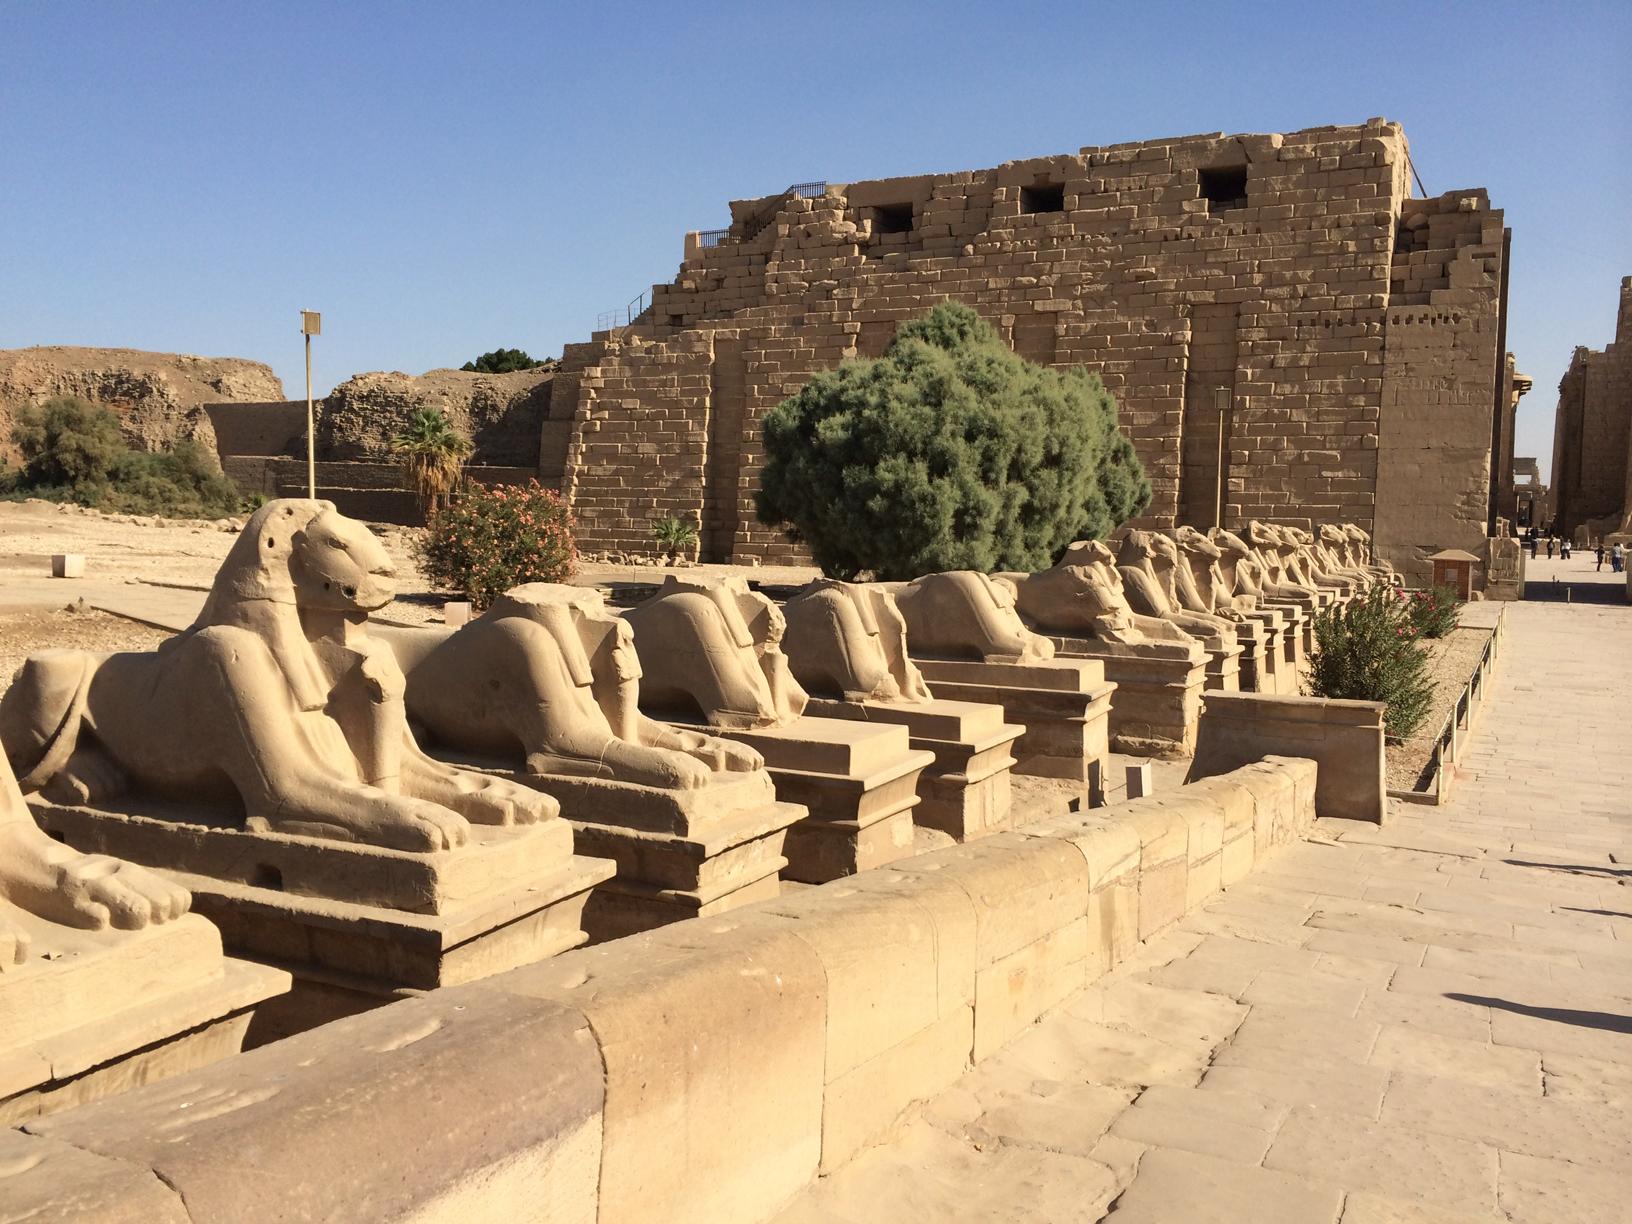 Sphinx avenue at Karnak